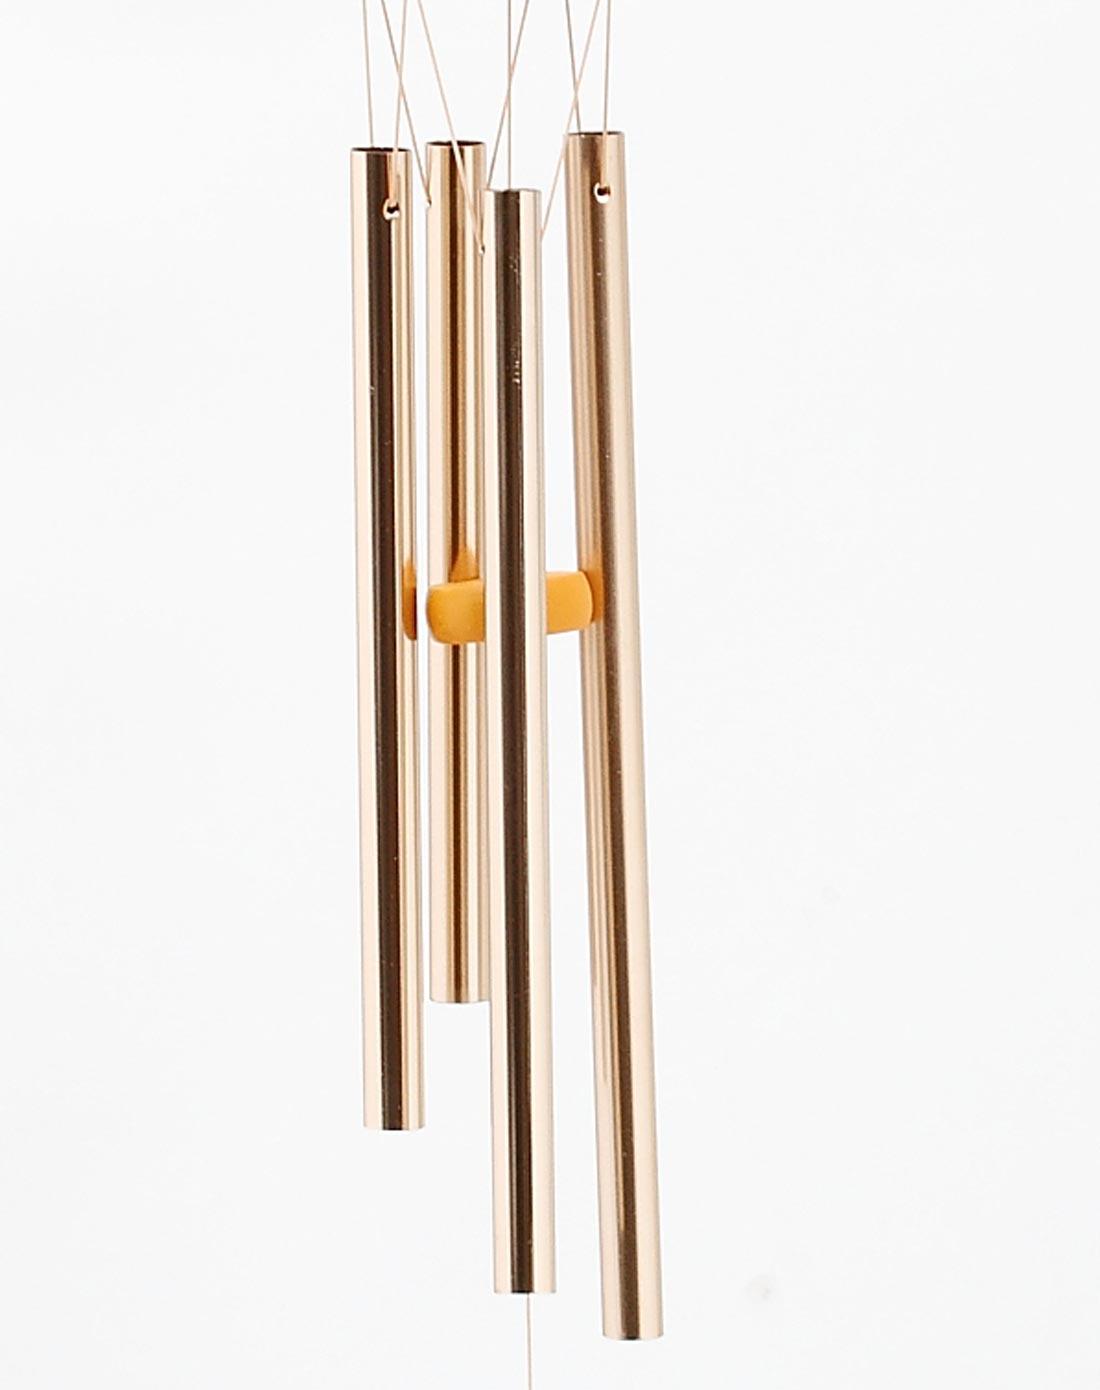 手工立体雕刻炫彩铁艺蝴蝶 铜金钢管欧式装饰风铃